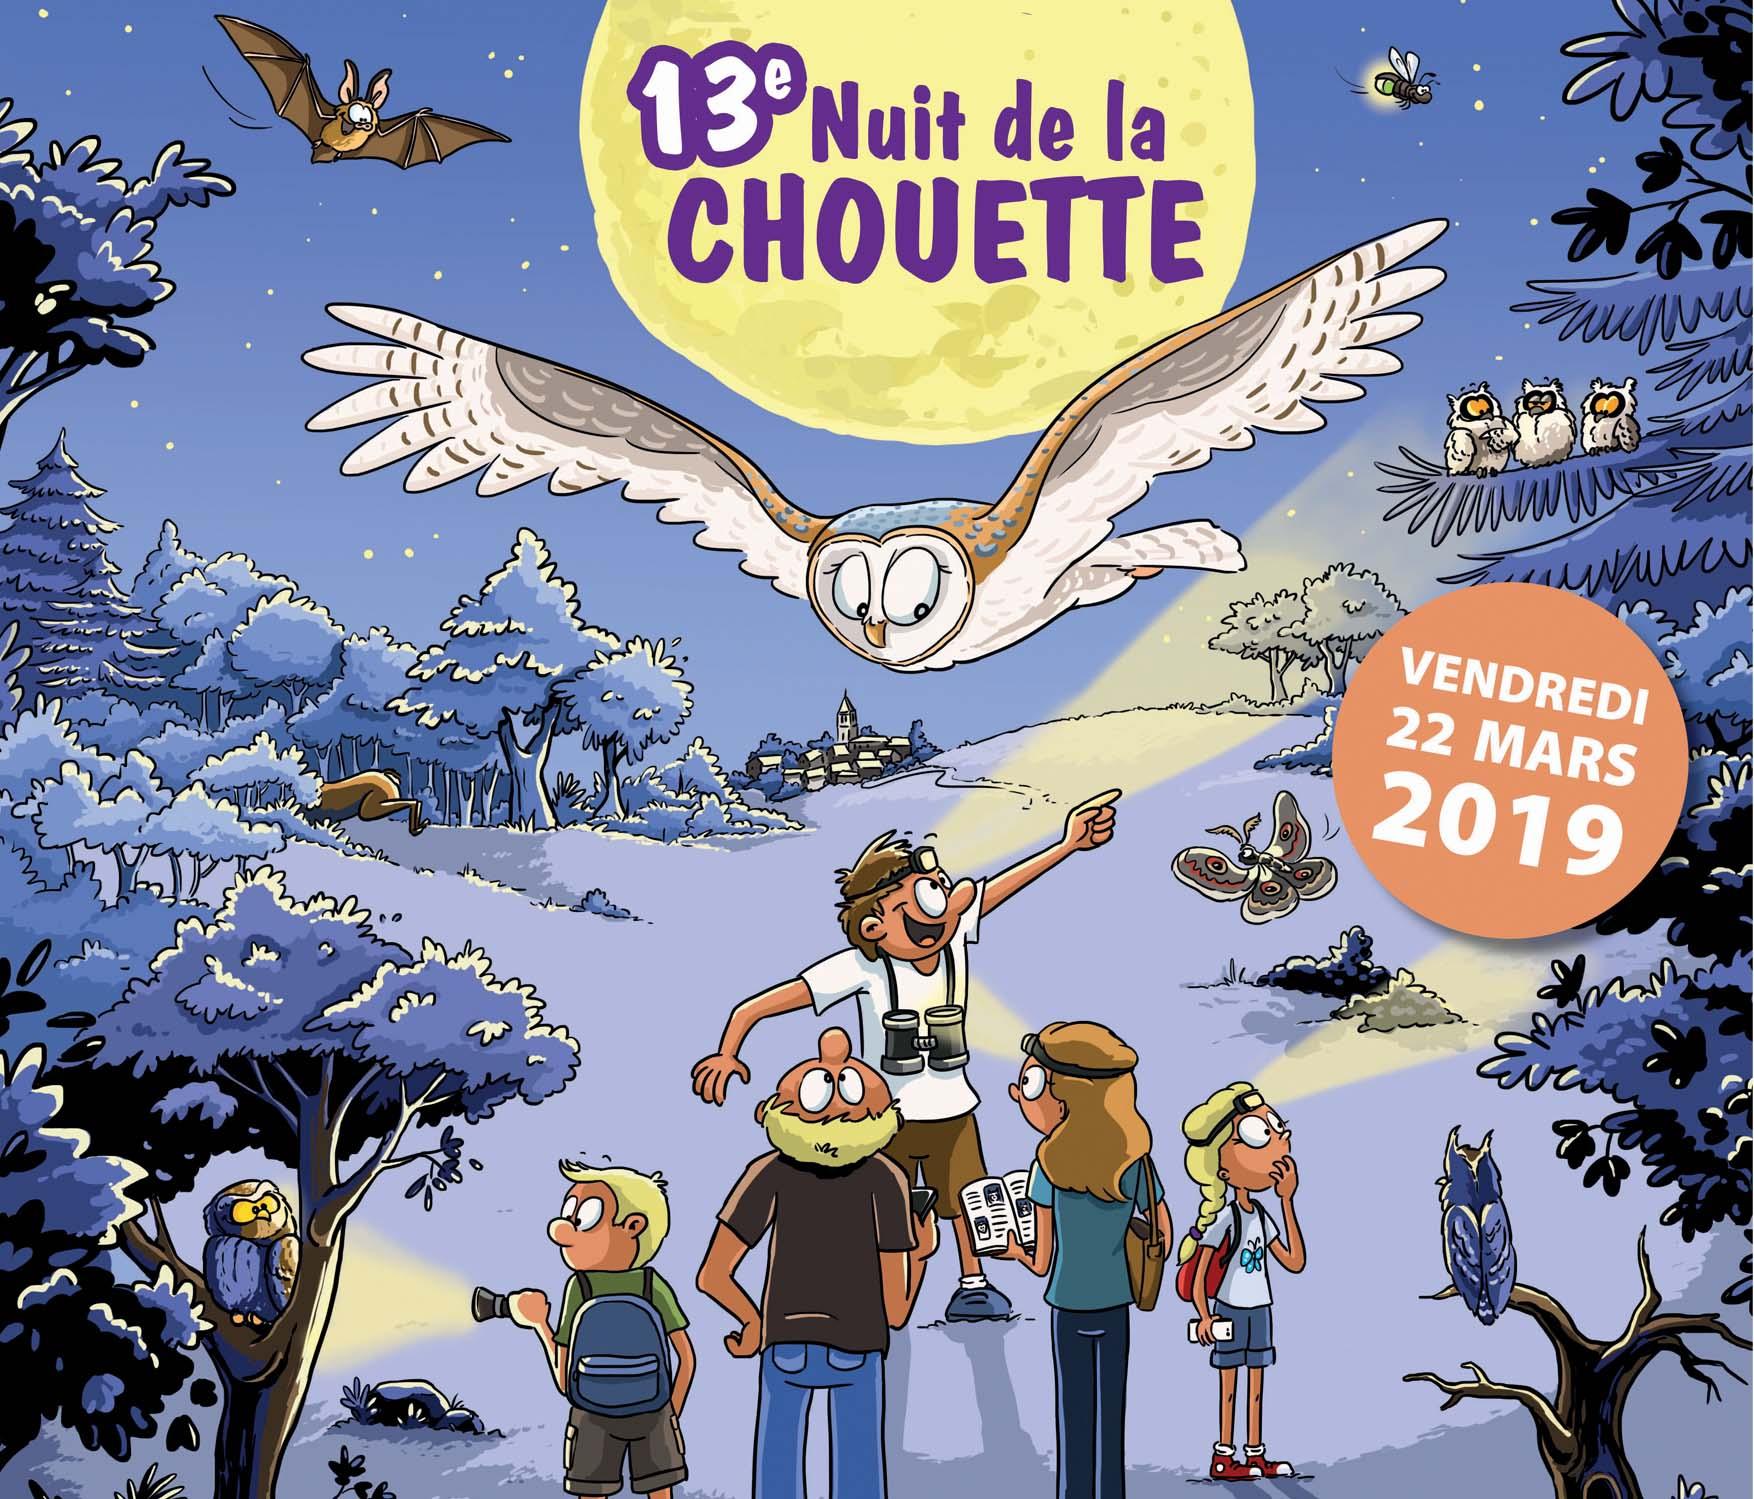 Vignette Animation Nuit de la Chouette à Siran, par le Pnr Haut-Languedoc